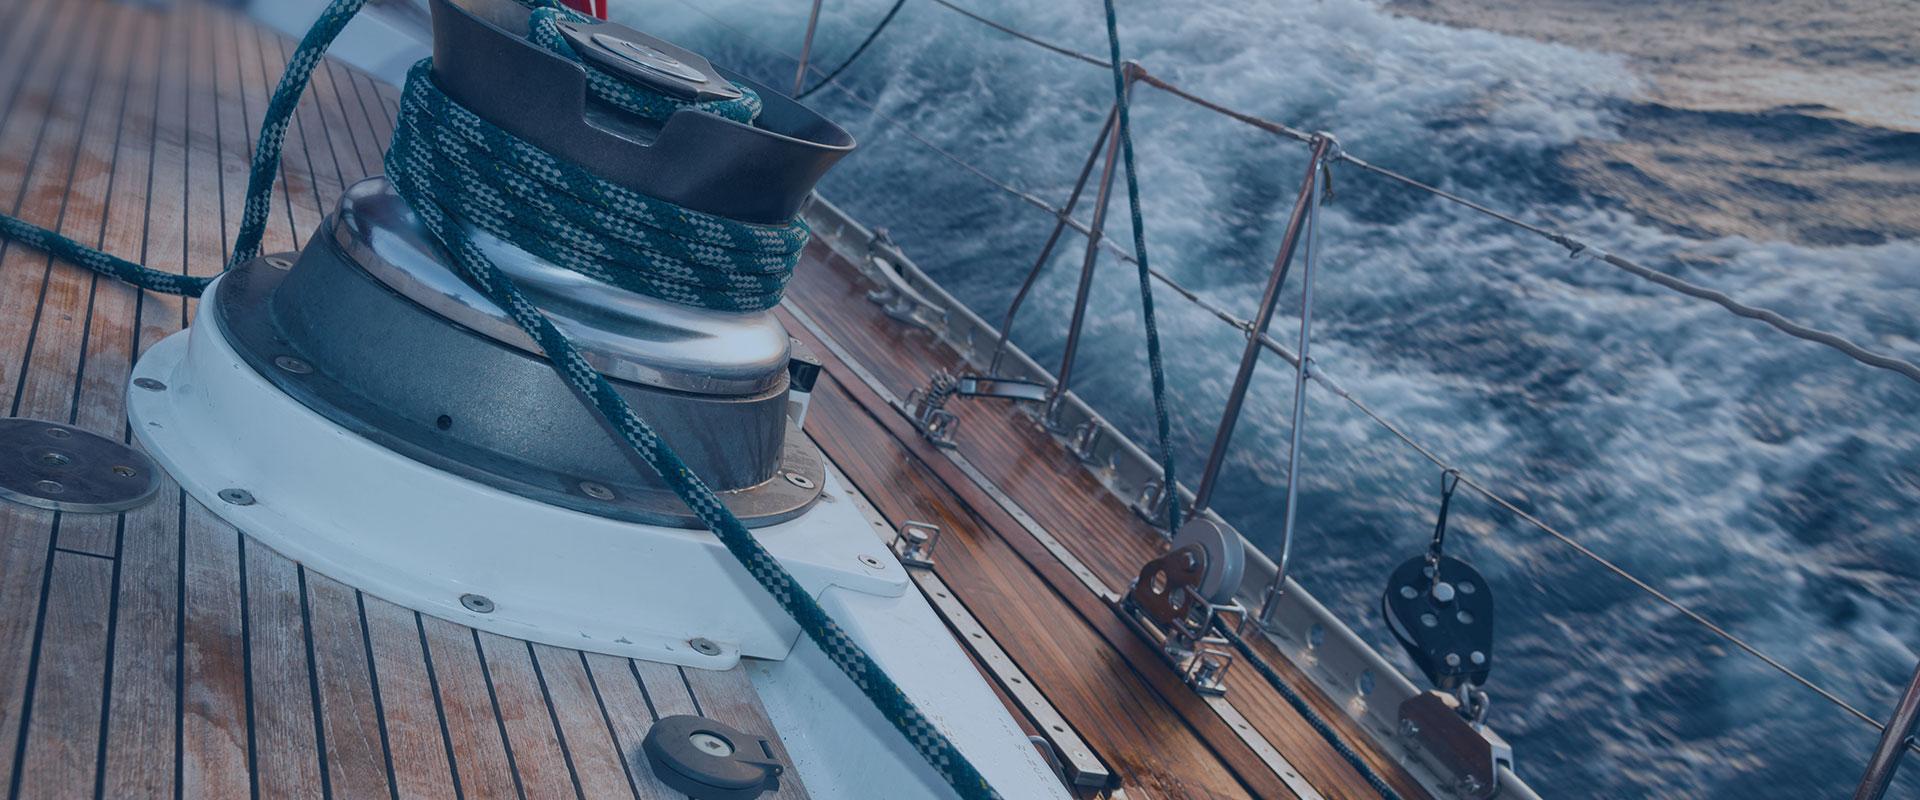 Capa banner-04.jpg - Seguro de Cascos Marítimos